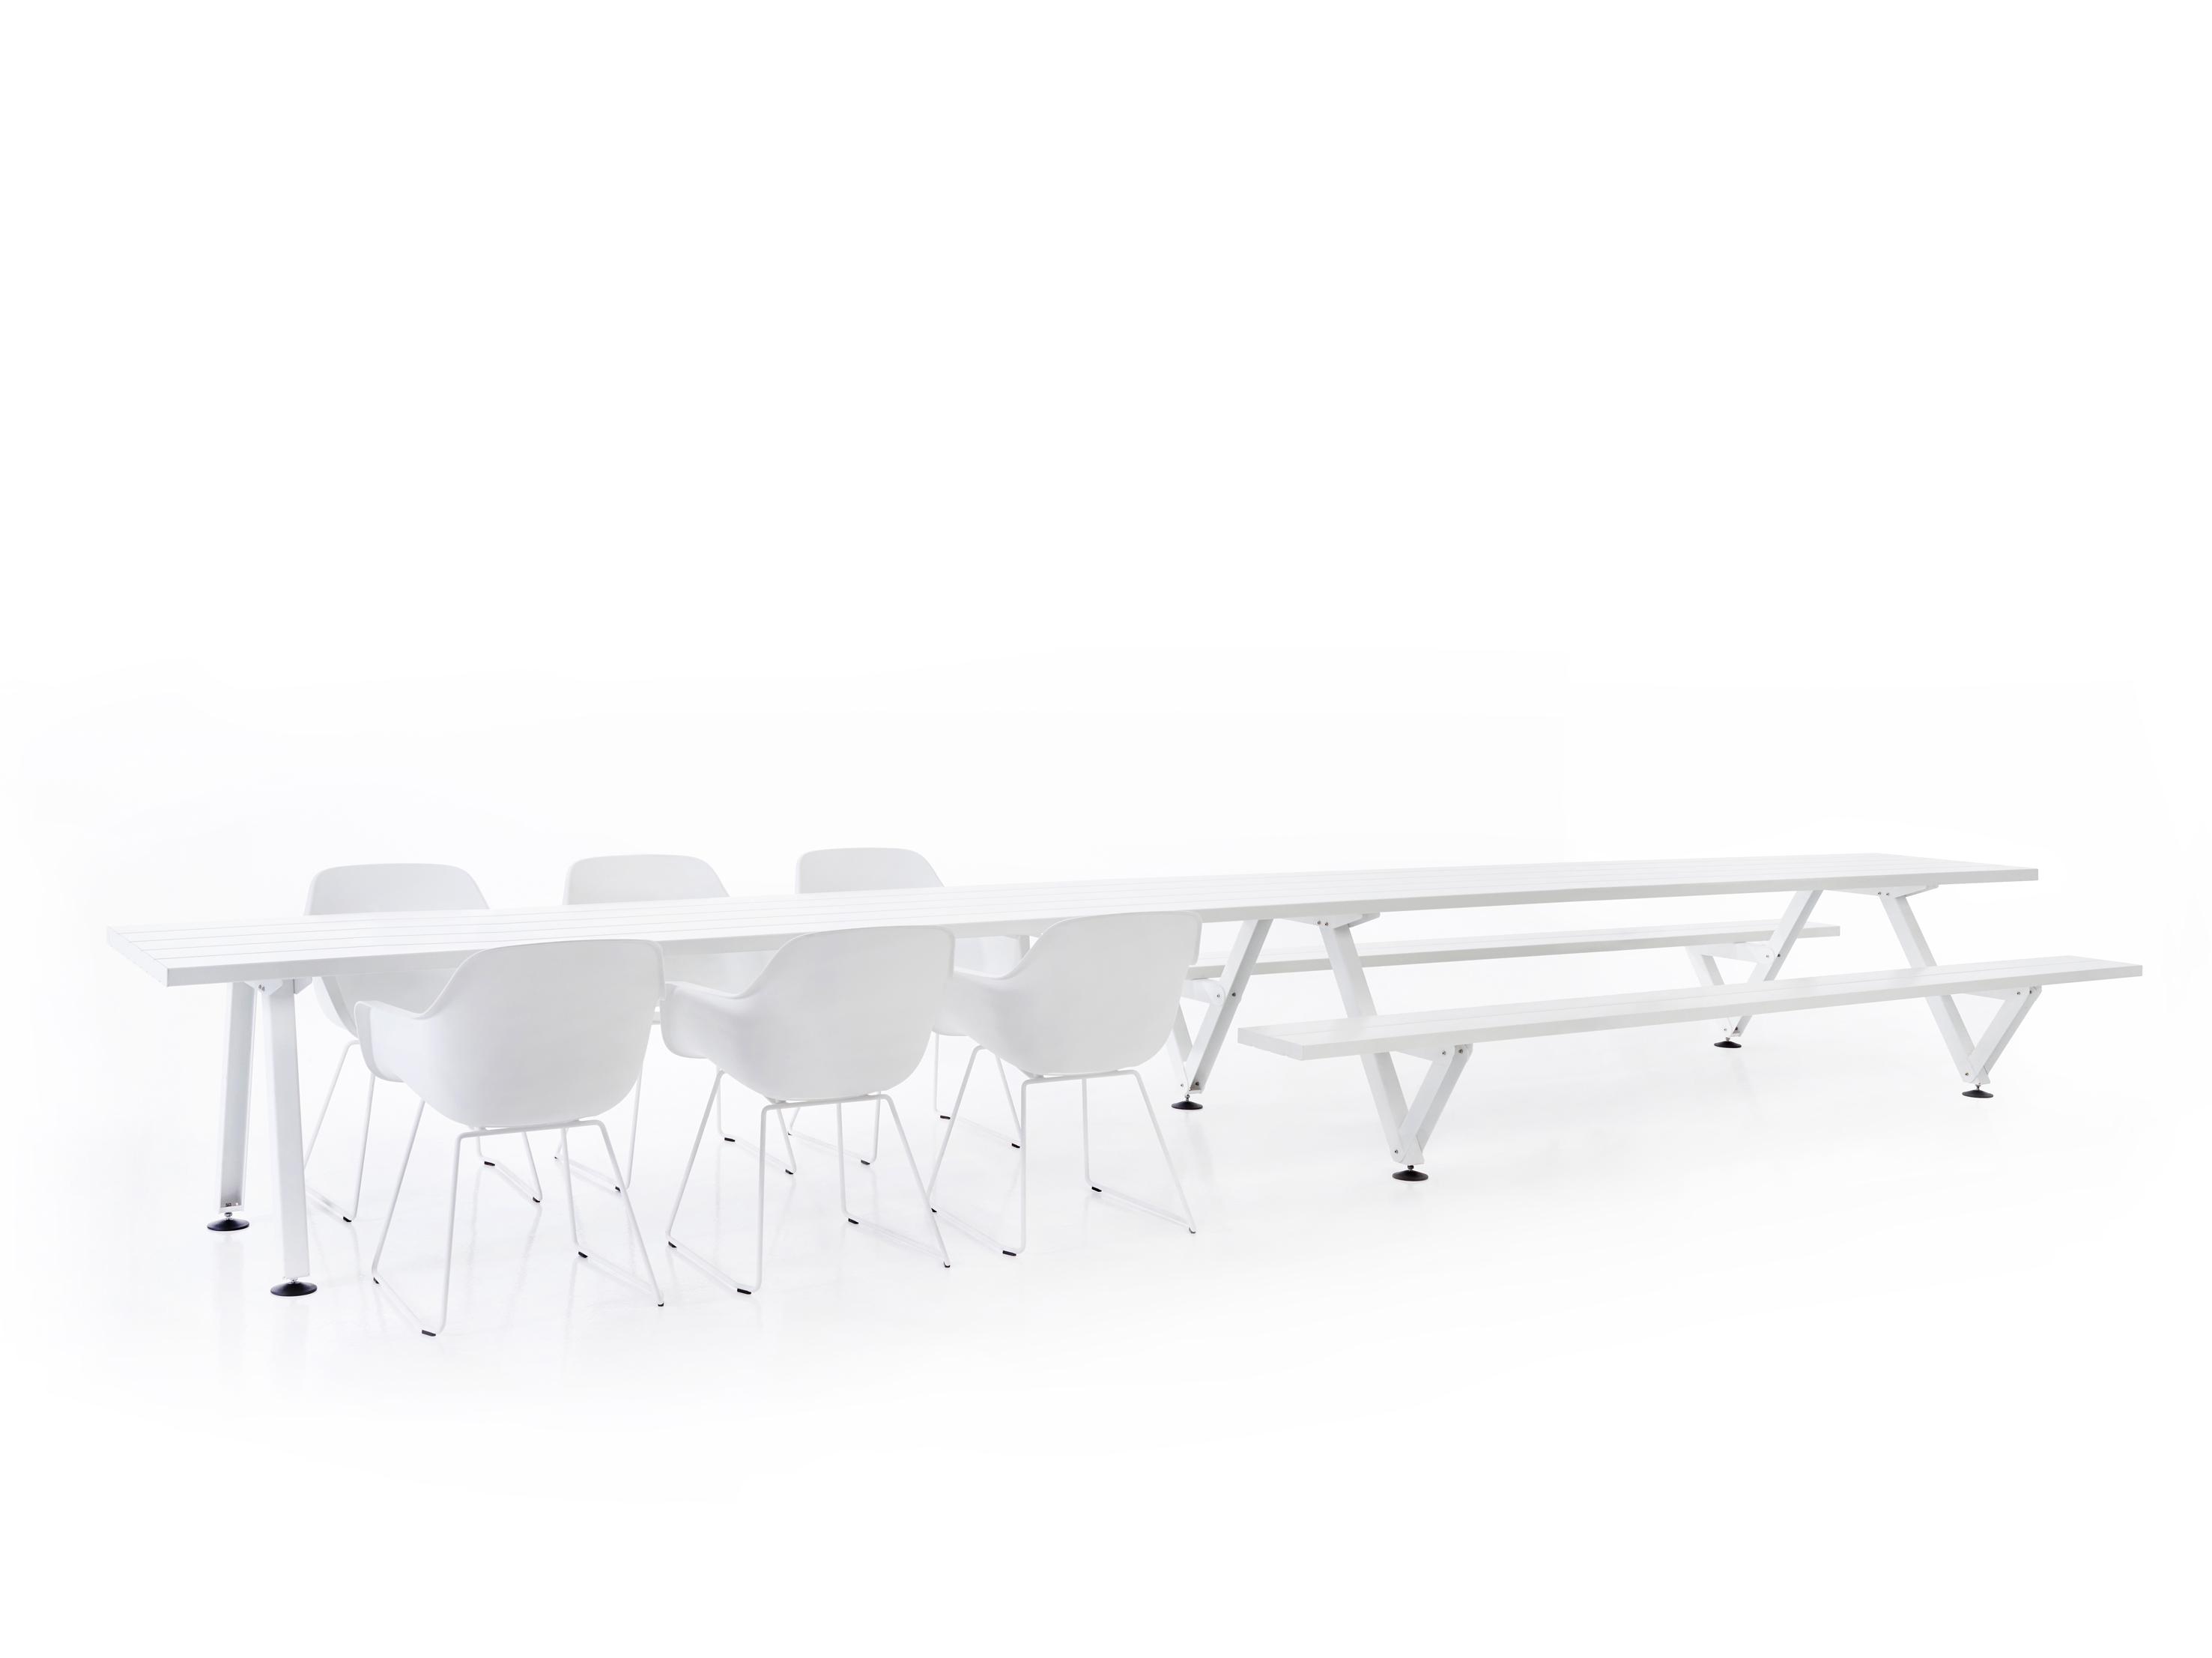 Дизайнерская мебель для офиса - белый стол и скамьи. Фото 2